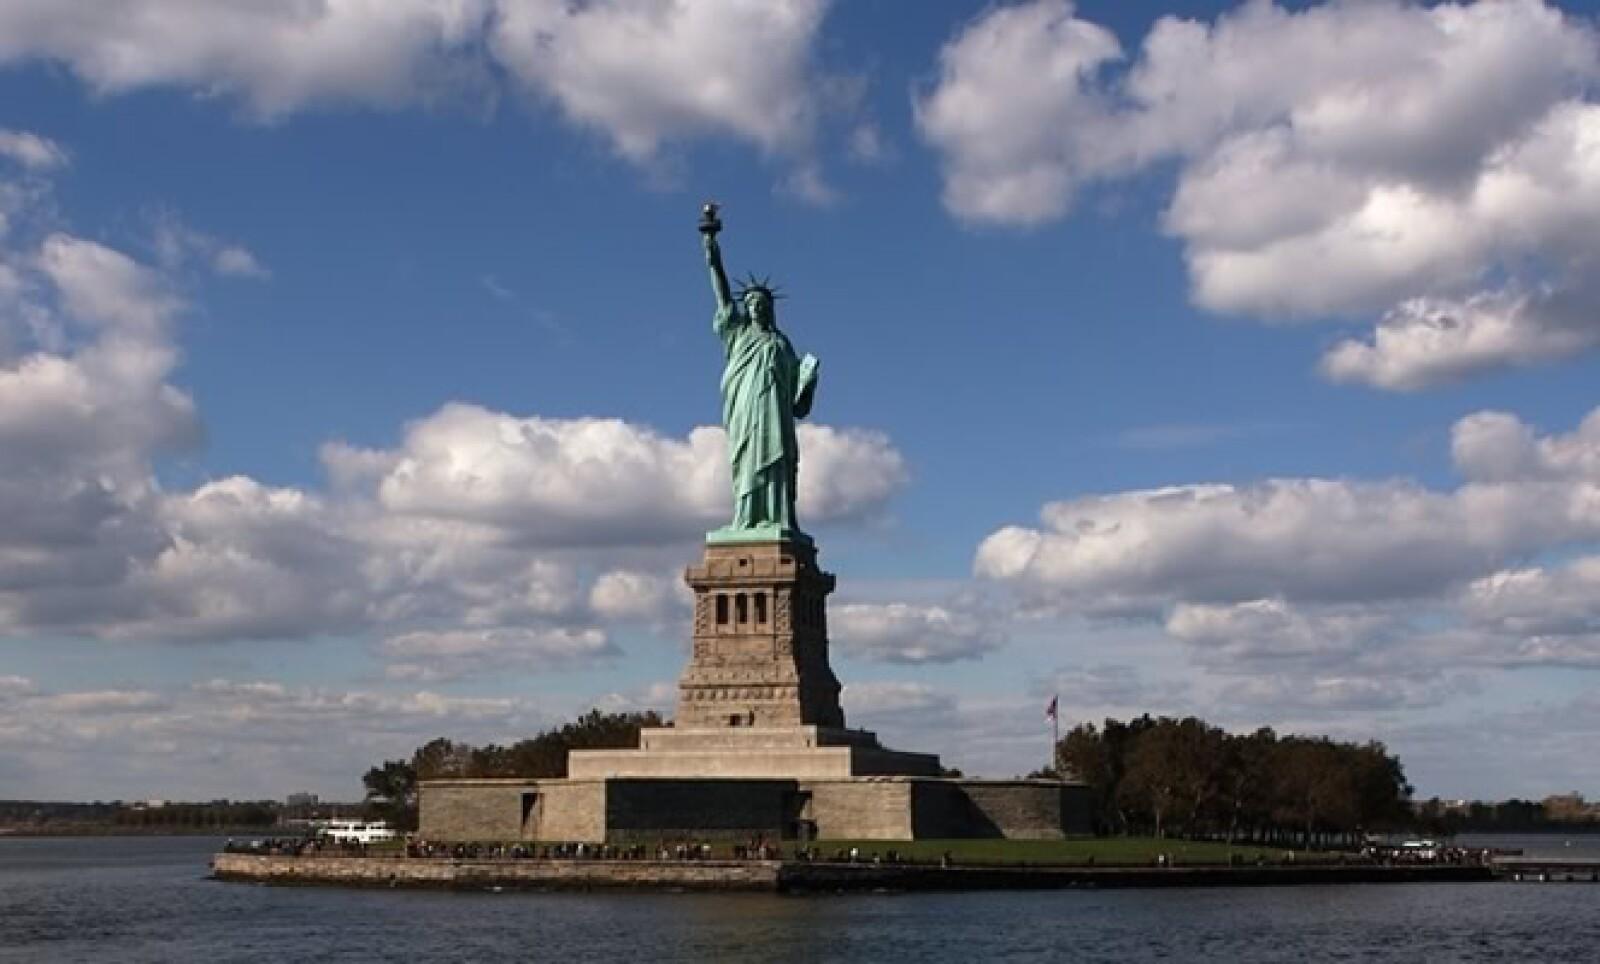 Nueva York es una de las ciudades más visitadas del planeta. Ya sea por sus atracciones, su estilo de vida o su gente, este destino ofrece algo para cada persona. En esta foto vemos la mítica estatua de la libertad quien nos invita a recorrer las maravill